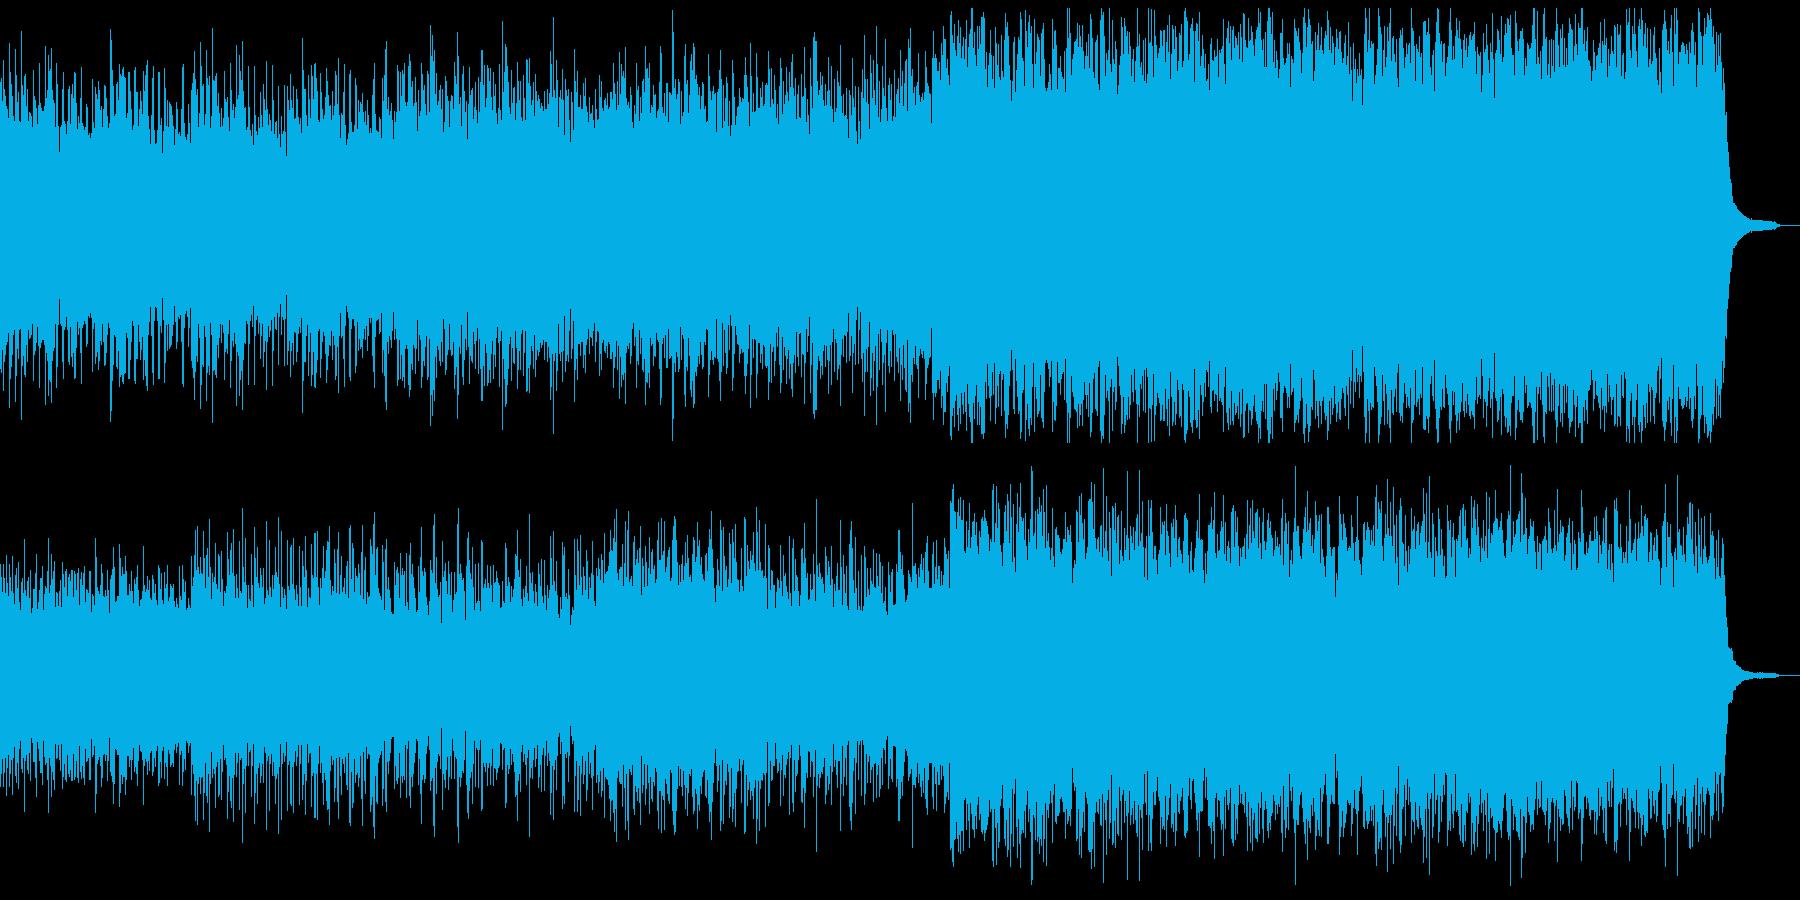 ピアノと民族コーラス 後半の弦アルペジオの再生済みの波形